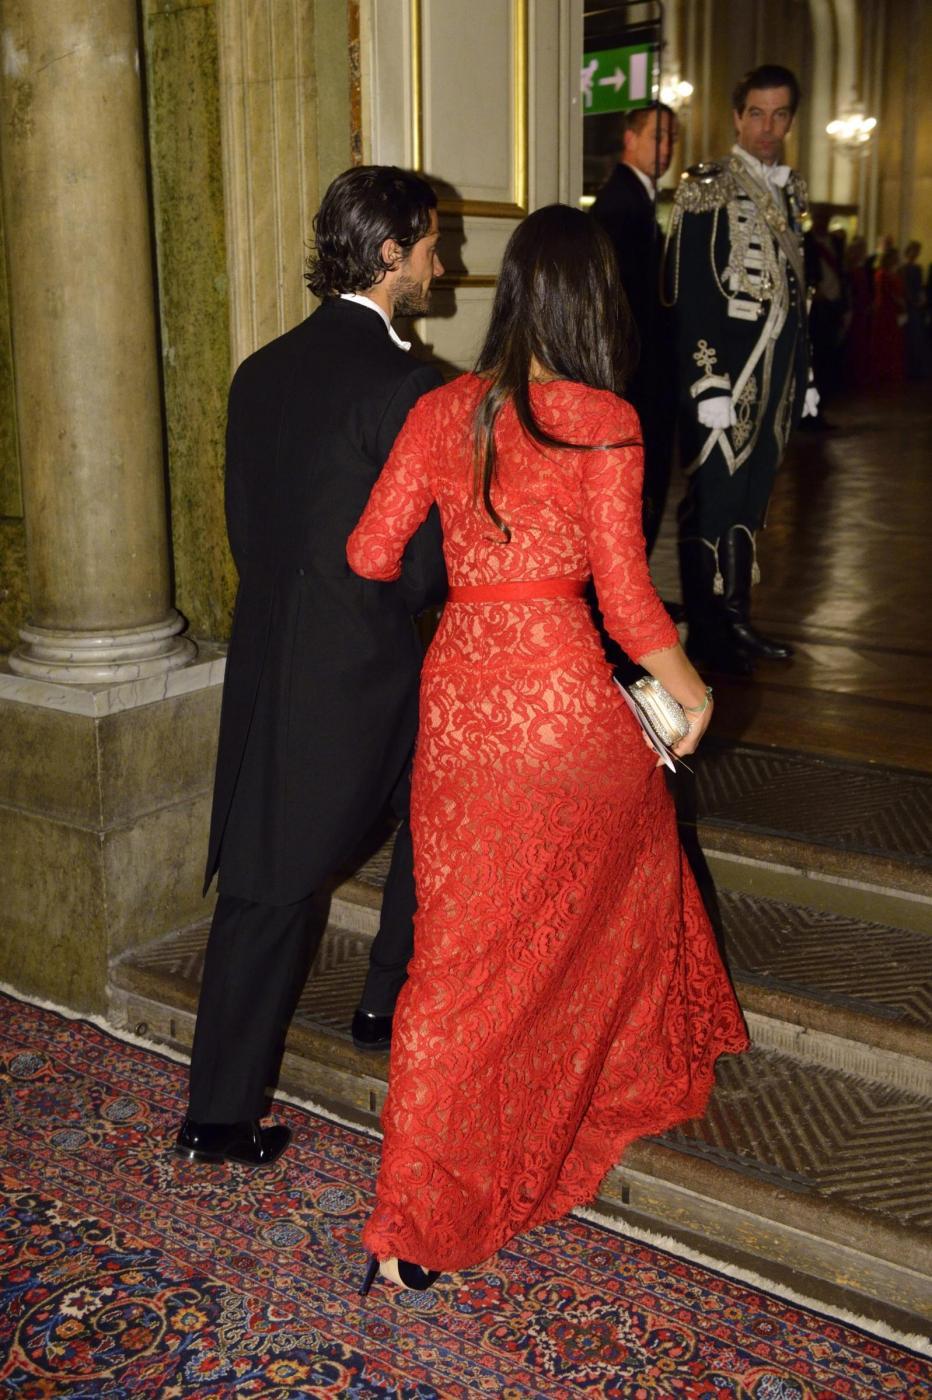 Sofia Hellqvist: chi è la donna che sposa Carlo Filippo di Svezia FOTO 3